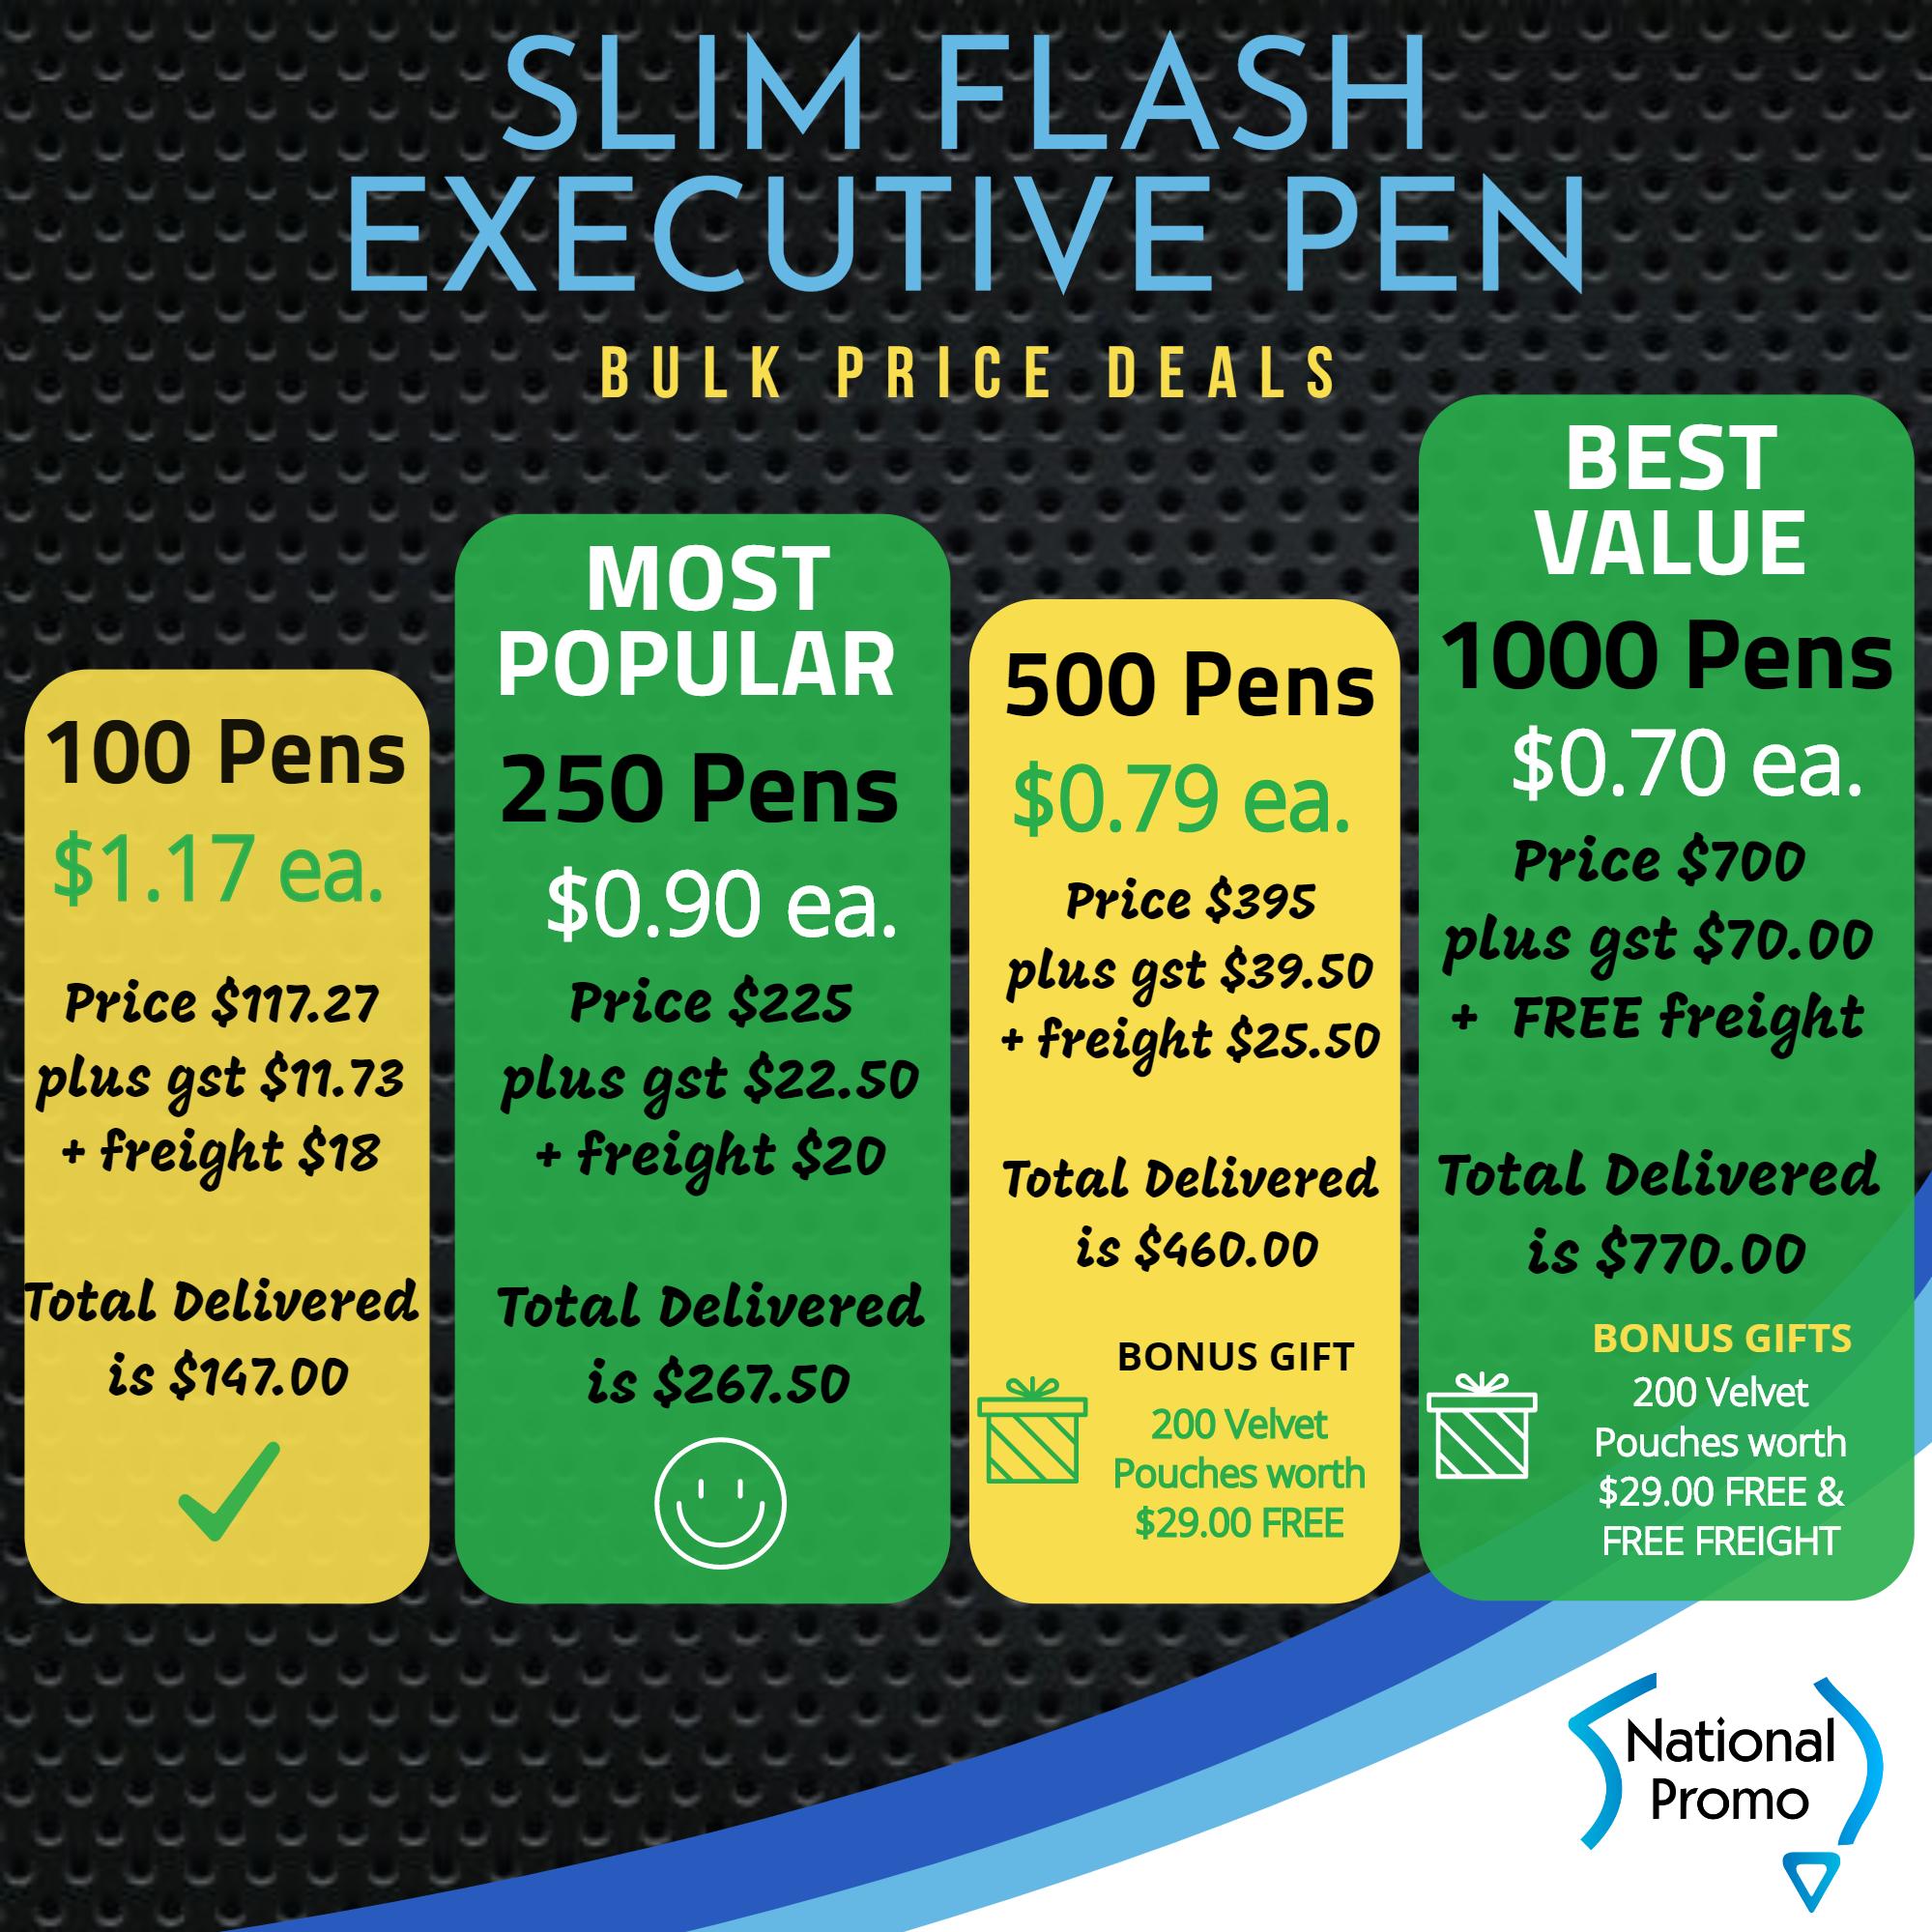 1000 Metal Slim Flash Pens for $700*